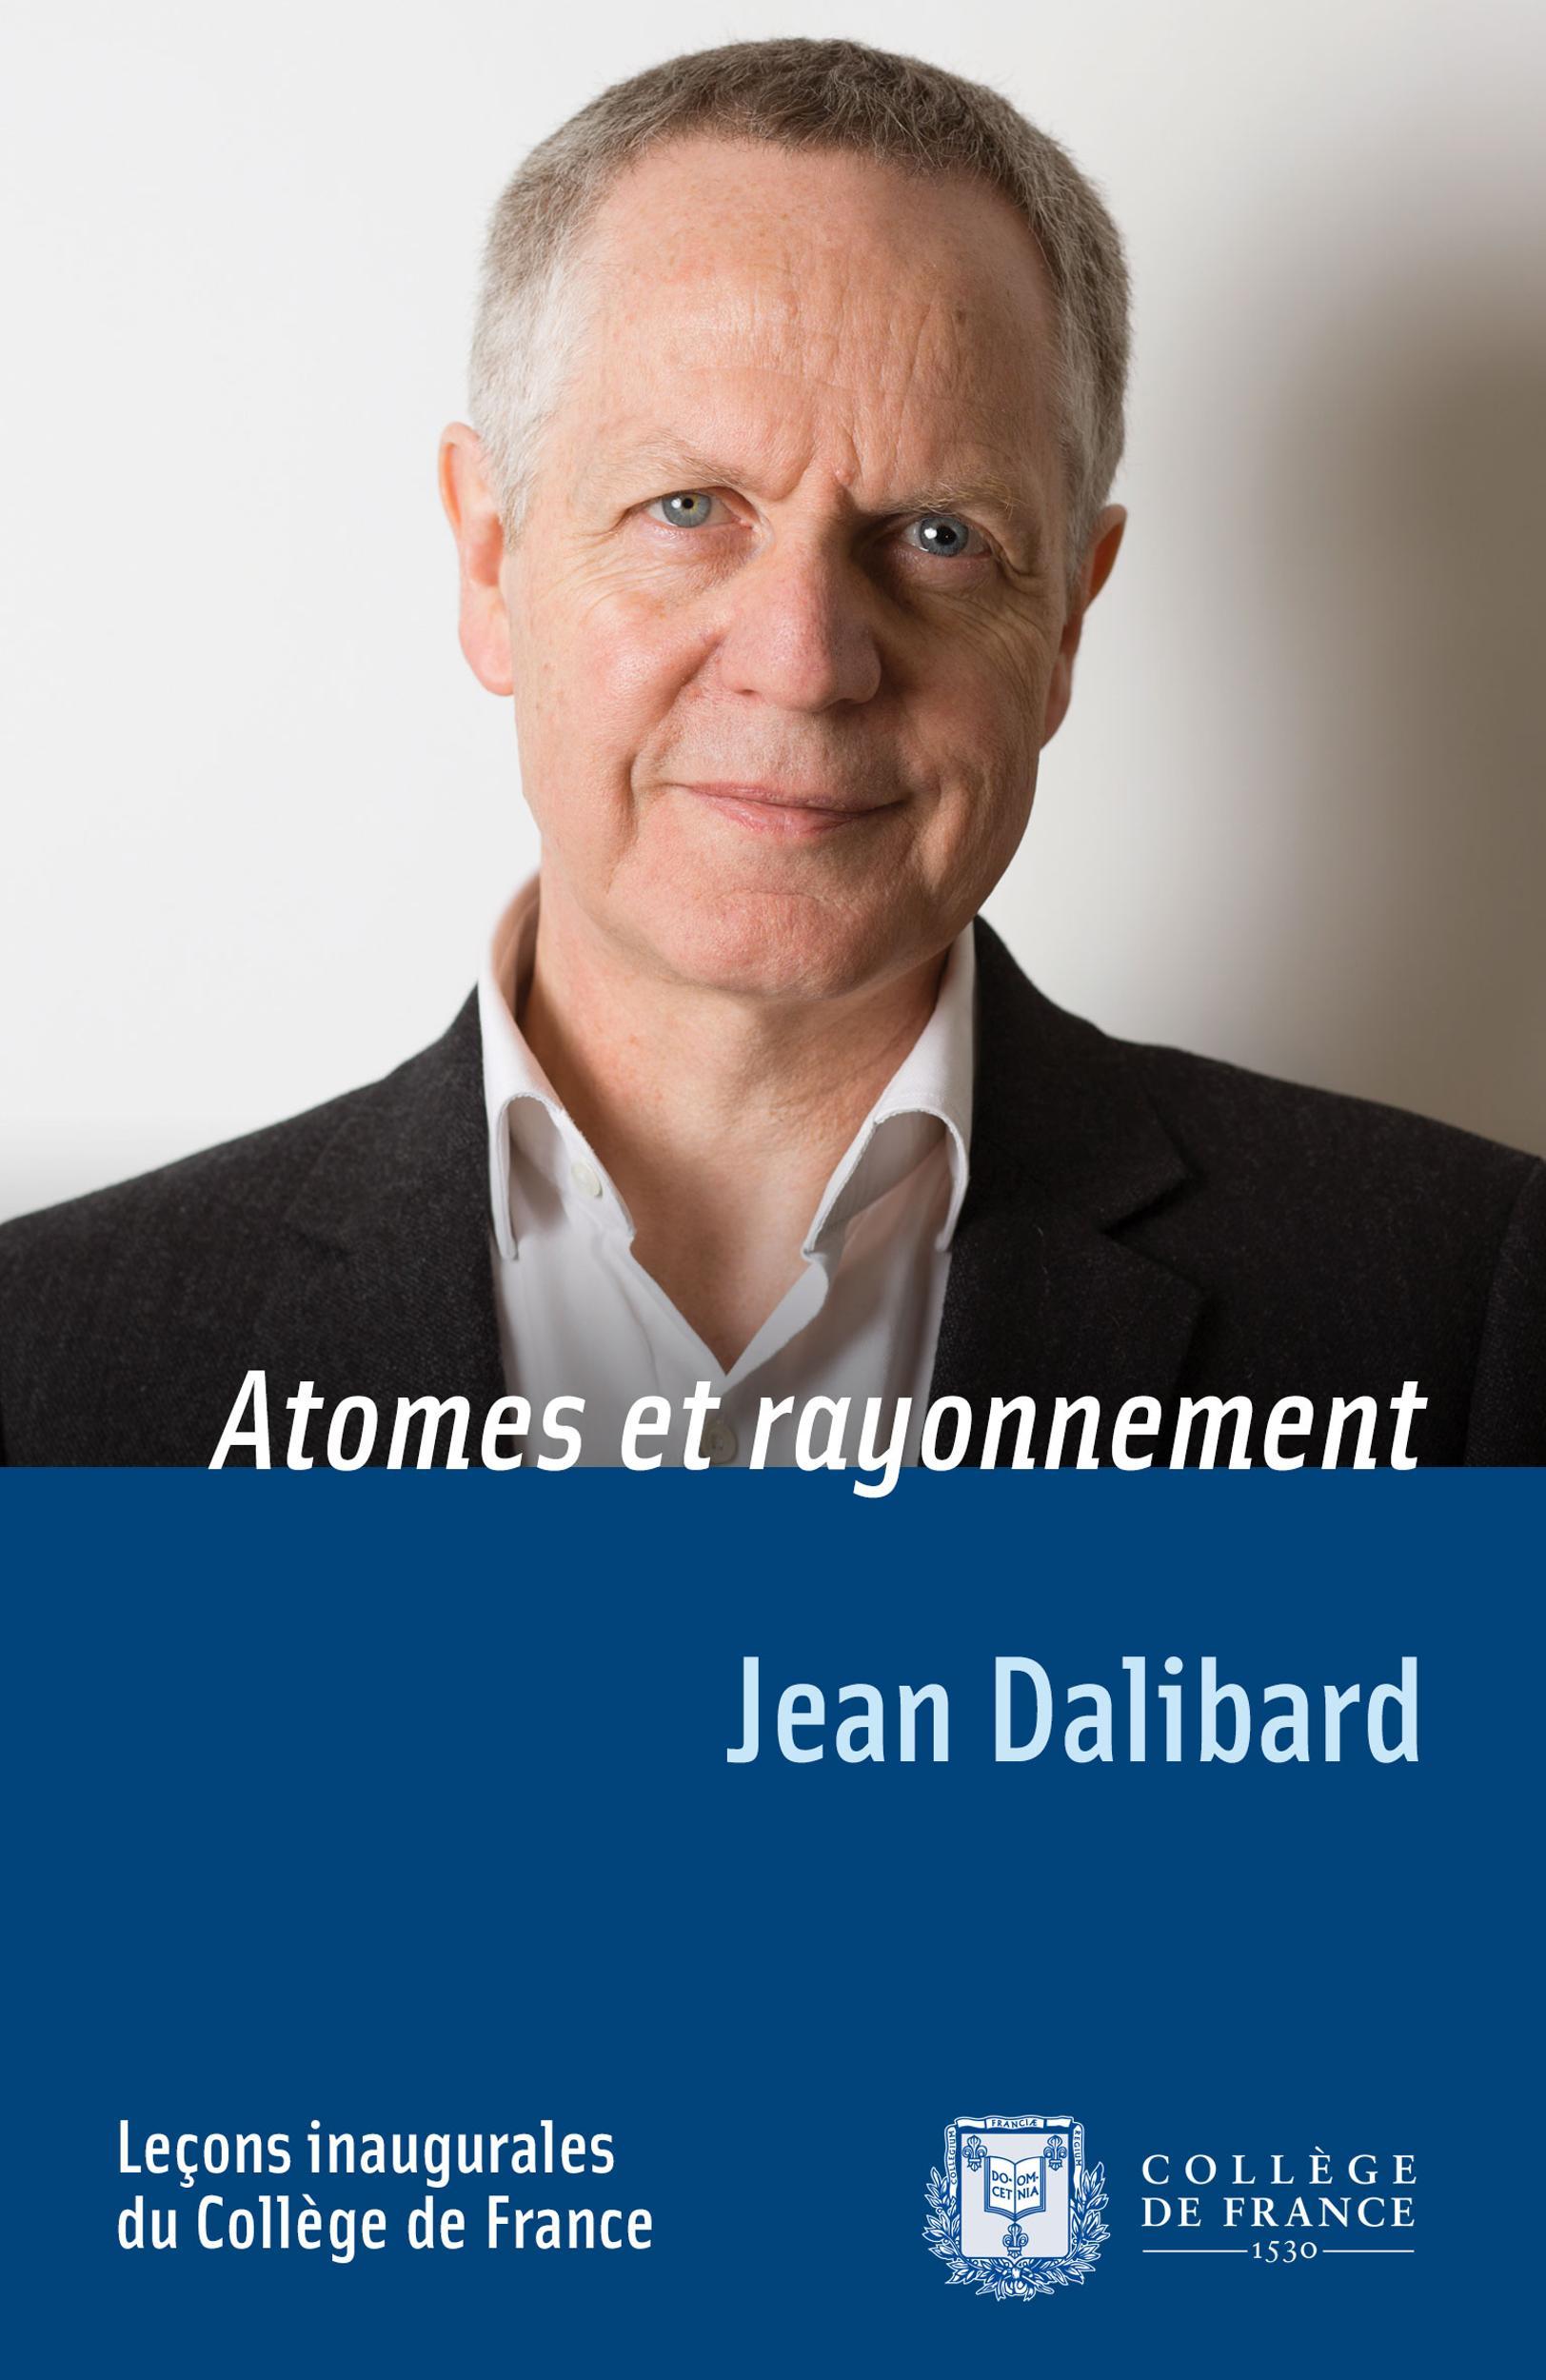 Atomes et rayonnement, LEÇON INAUGURALE PRONONCÉE LE JEUDI 18AVRIL2013